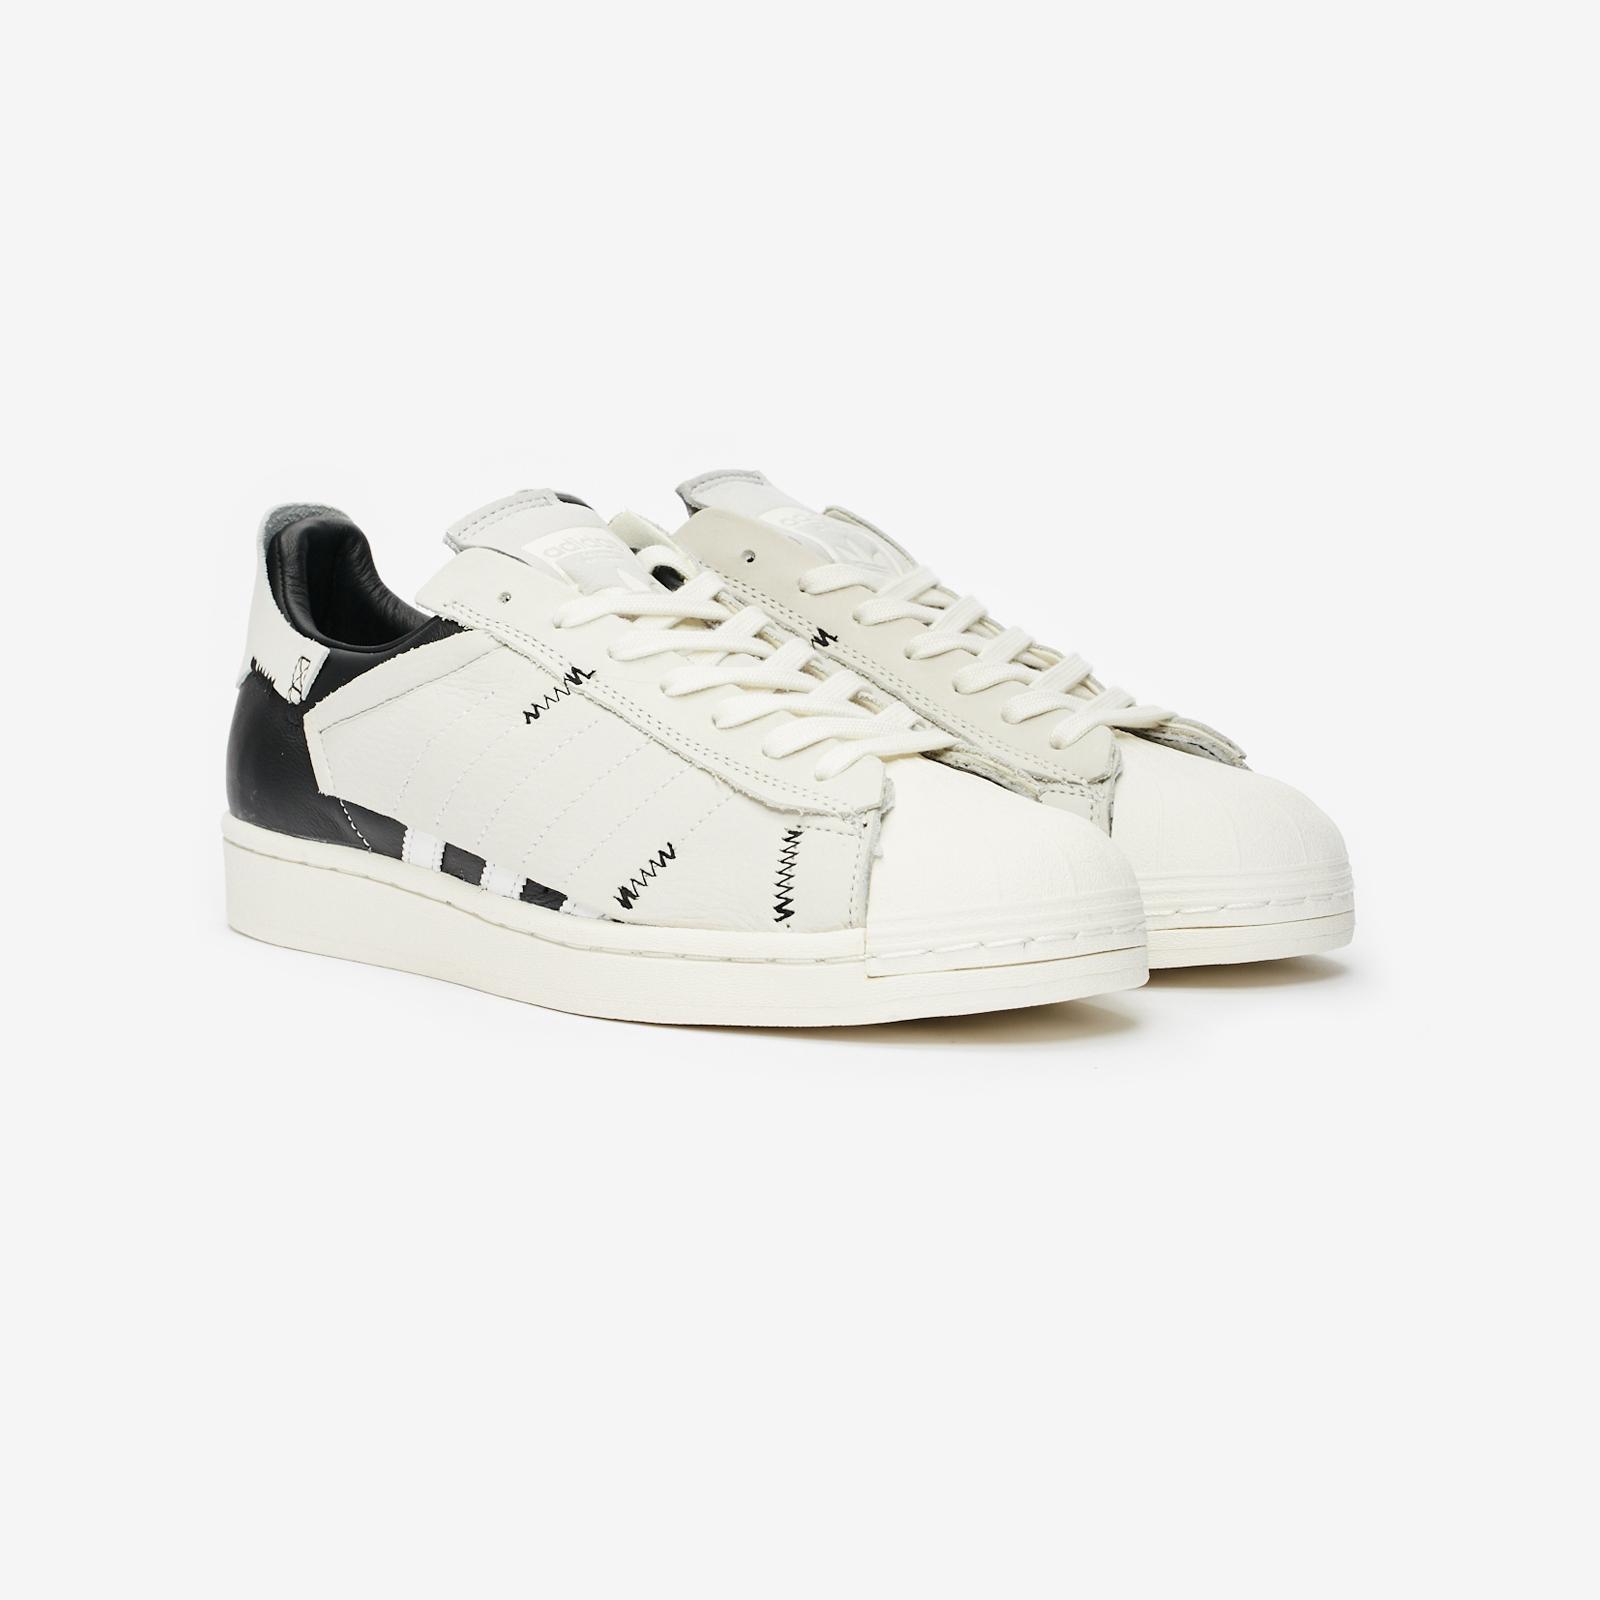 adidas Superstar WS1 Fv3023 Sneakersnstuff | sneakers